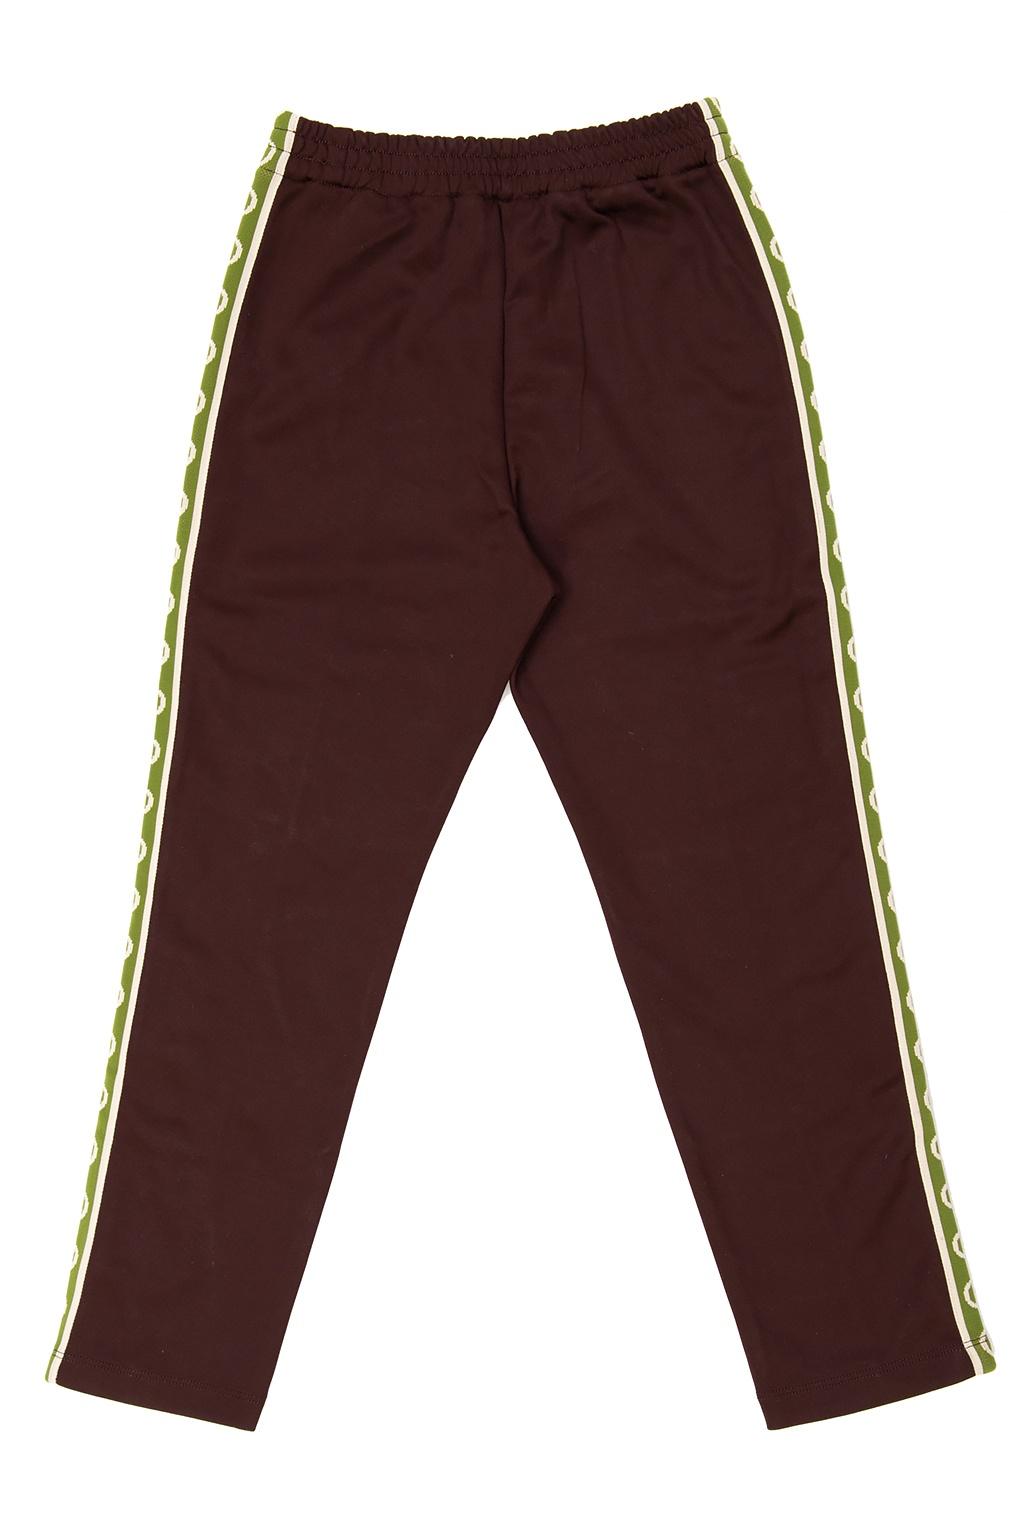 Gucci Kids Side stripe trousers